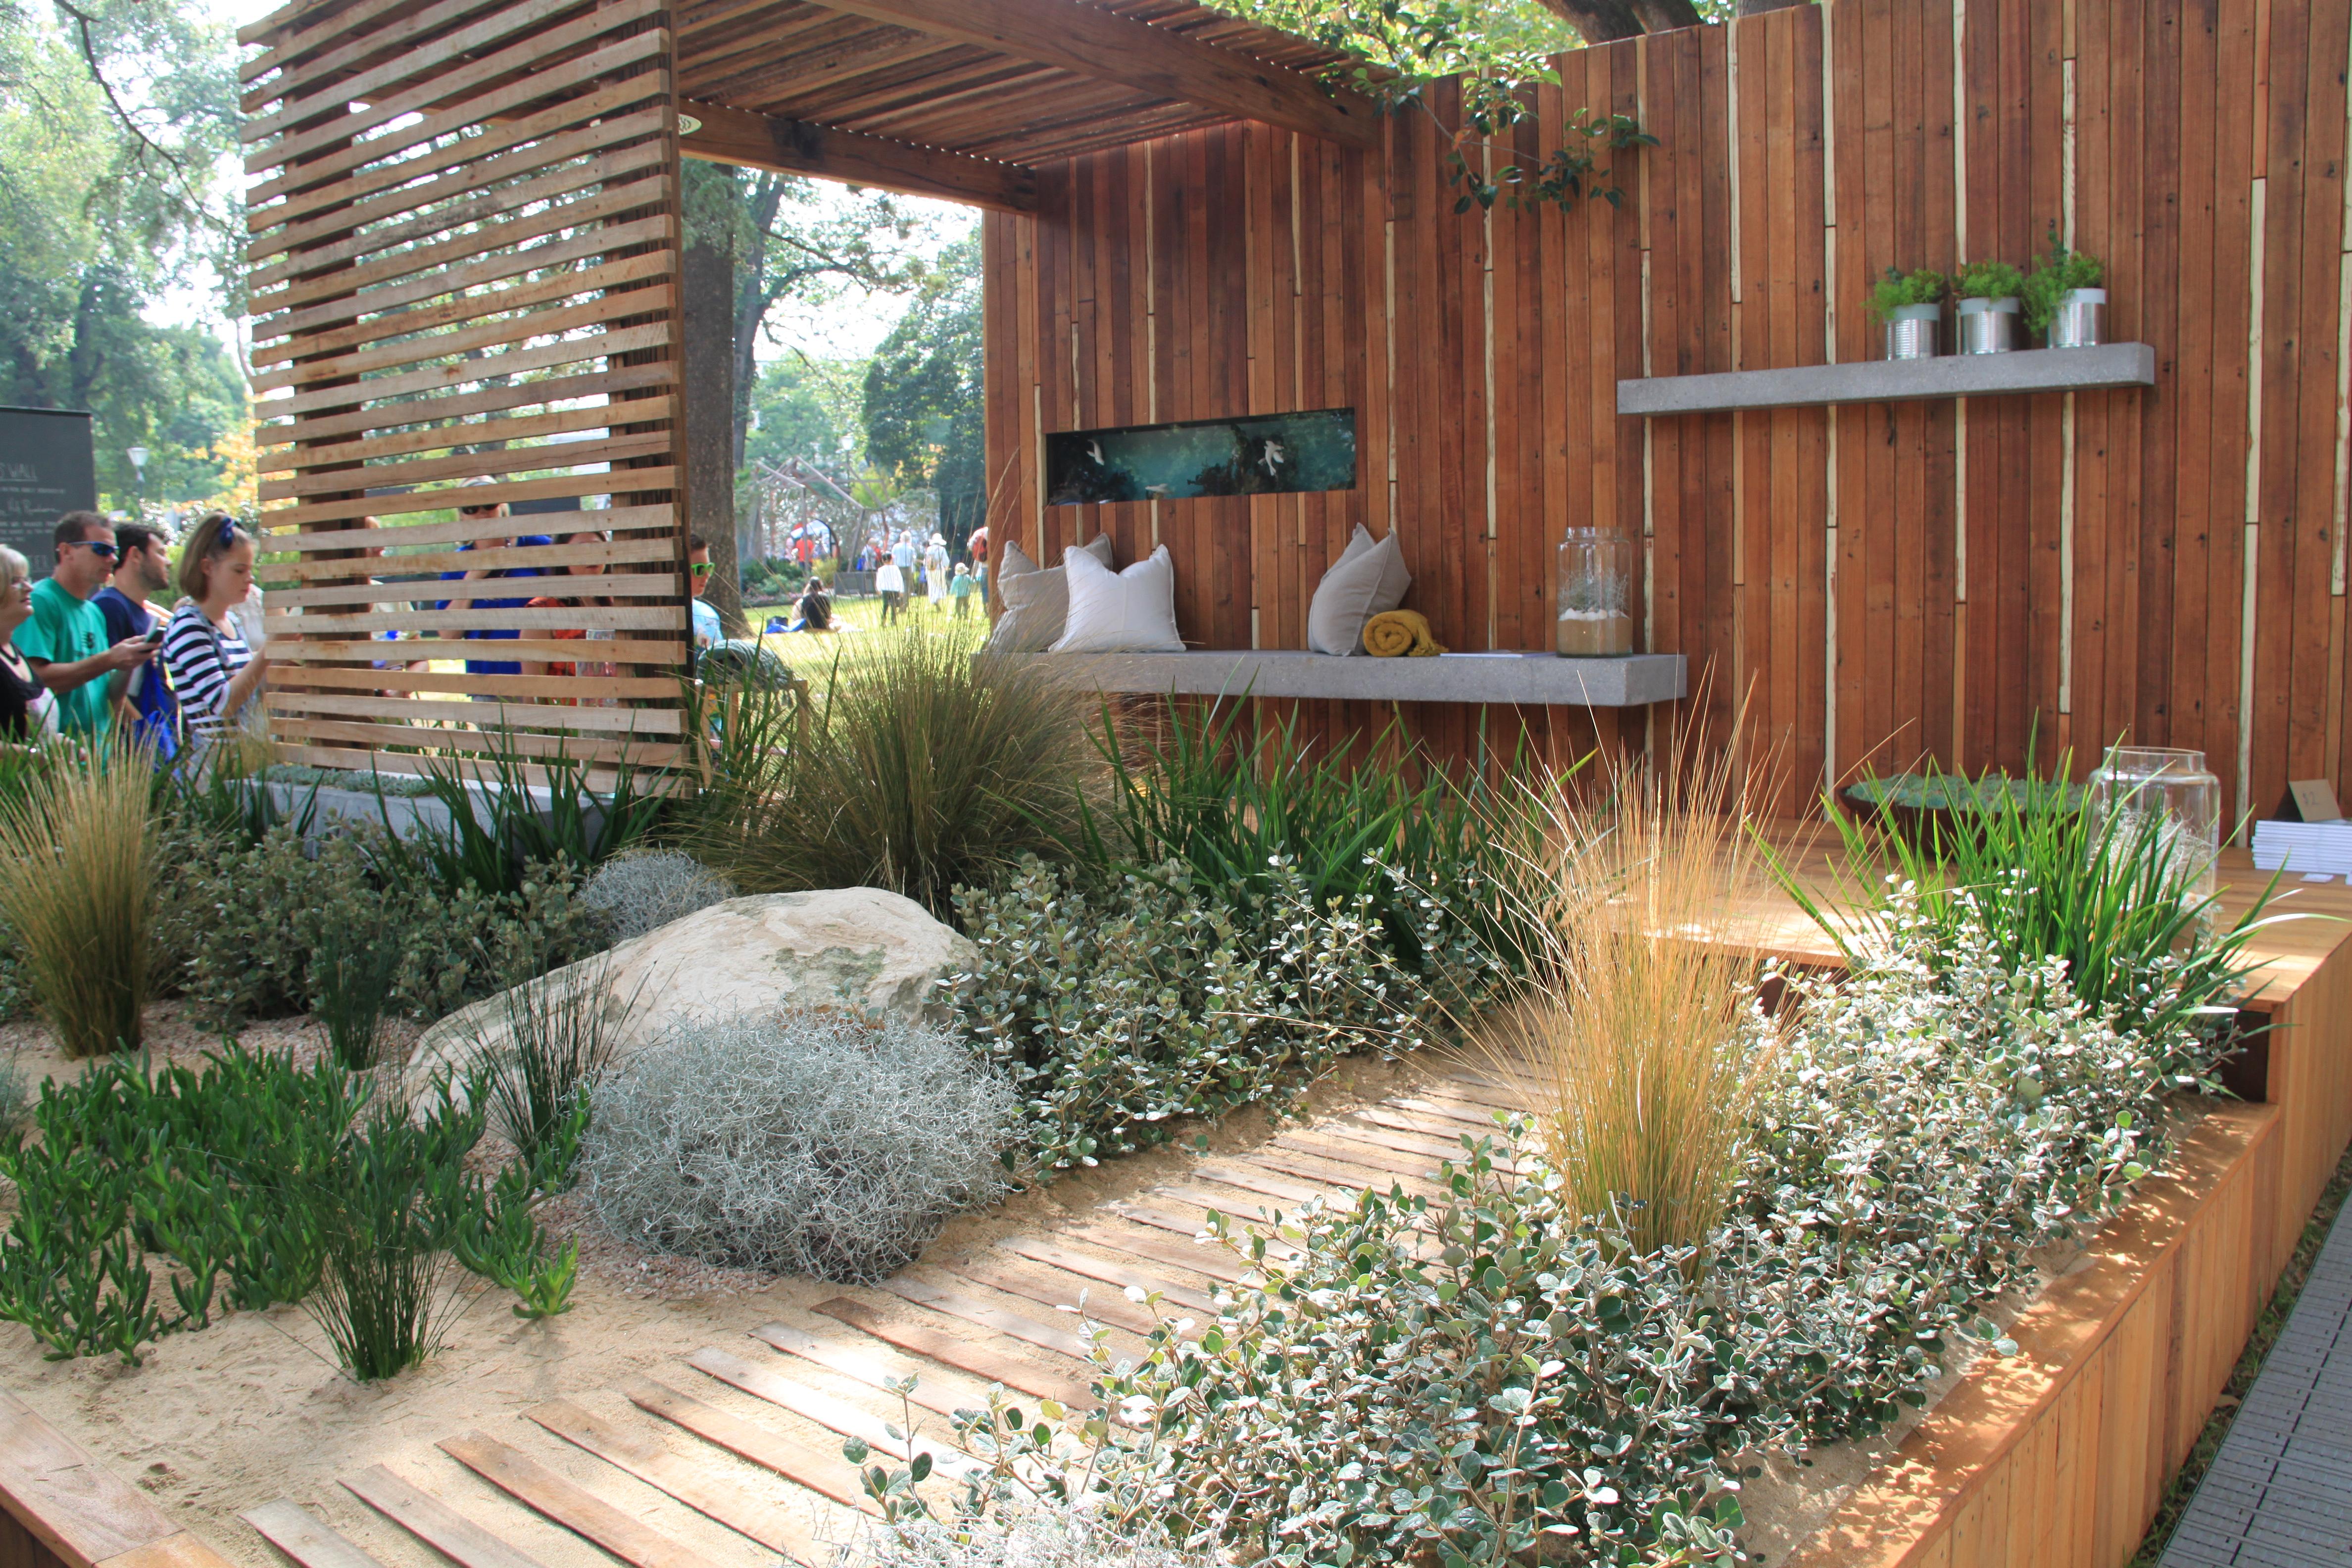 melbourne garden show 2014 janna schreier garden design. Black Bedroom Furniture Sets. Home Design Ideas